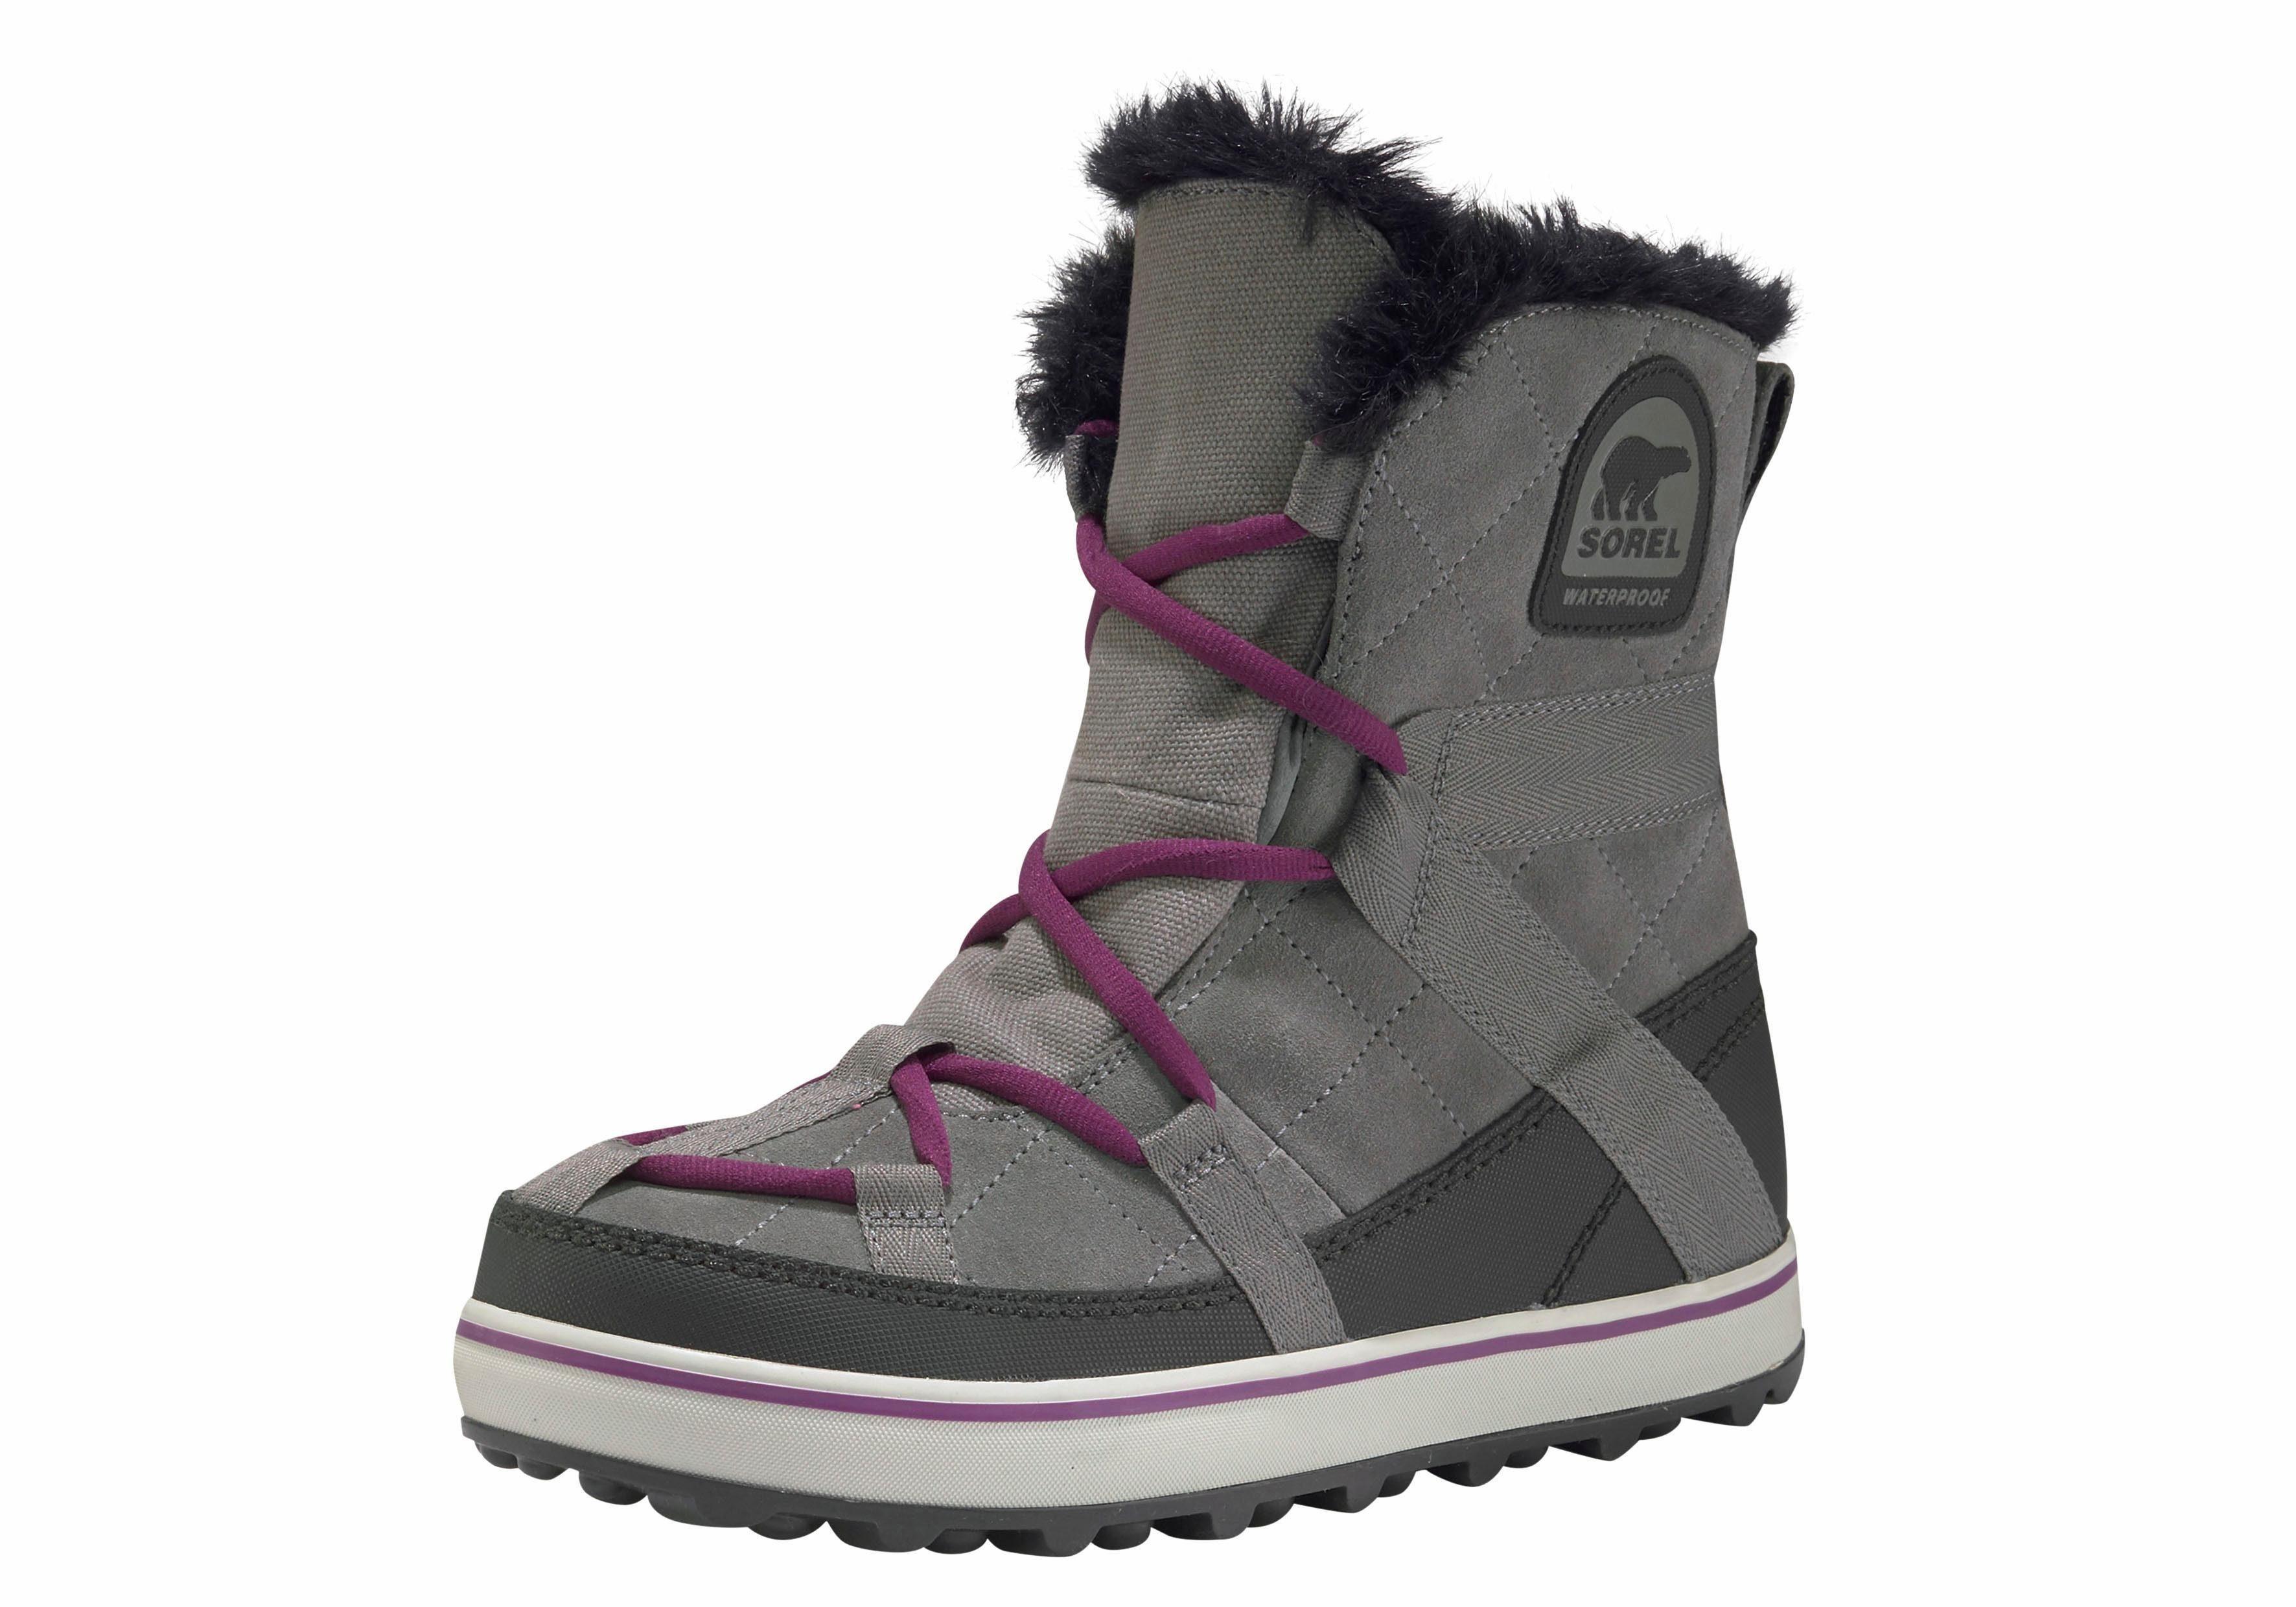 Sorel »Glacy Explorer Shortie« Outdoorwinterstiefel online kaufen | OTTO